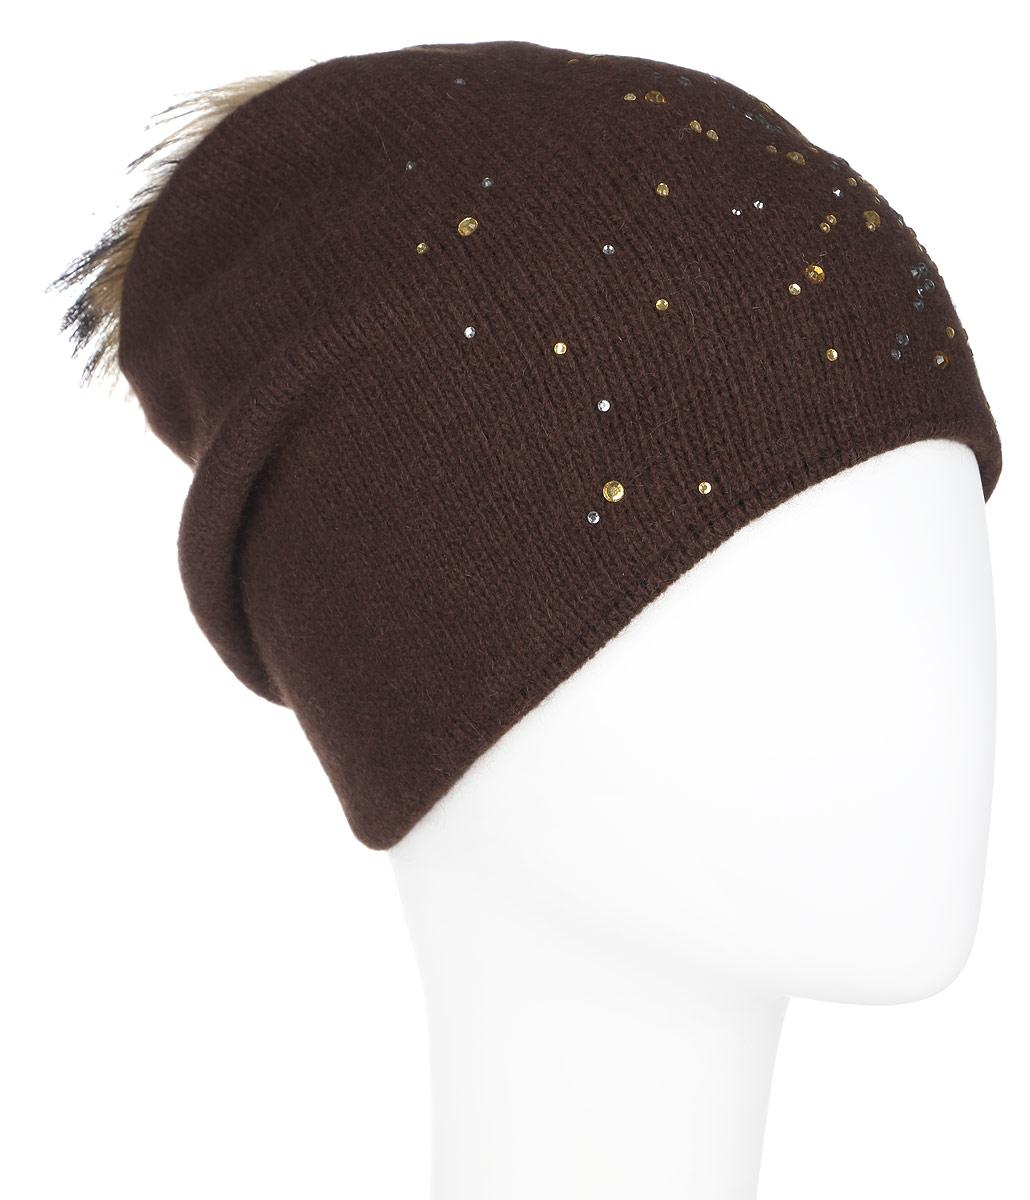 A16-12130_317Стильная женская шапка Finn Flare дополнит ваш наряд и не позволит вам замерзнуть в холодное время года. Шапка выполнена из высококачественной пряжи, что позволяет ей великолепно сохранять тепло и обеспечивает высокую эластичность и удобство посадки. Изделие дополнено тёплой подкладкой. Модель оформлена пушистым помпоном из меха енота и украшена узором из страз. Такая шапка станет модным и стильным дополнением вашего гардероба. Она согреет вас и позволит подчеркнуть свою индивидуальность!